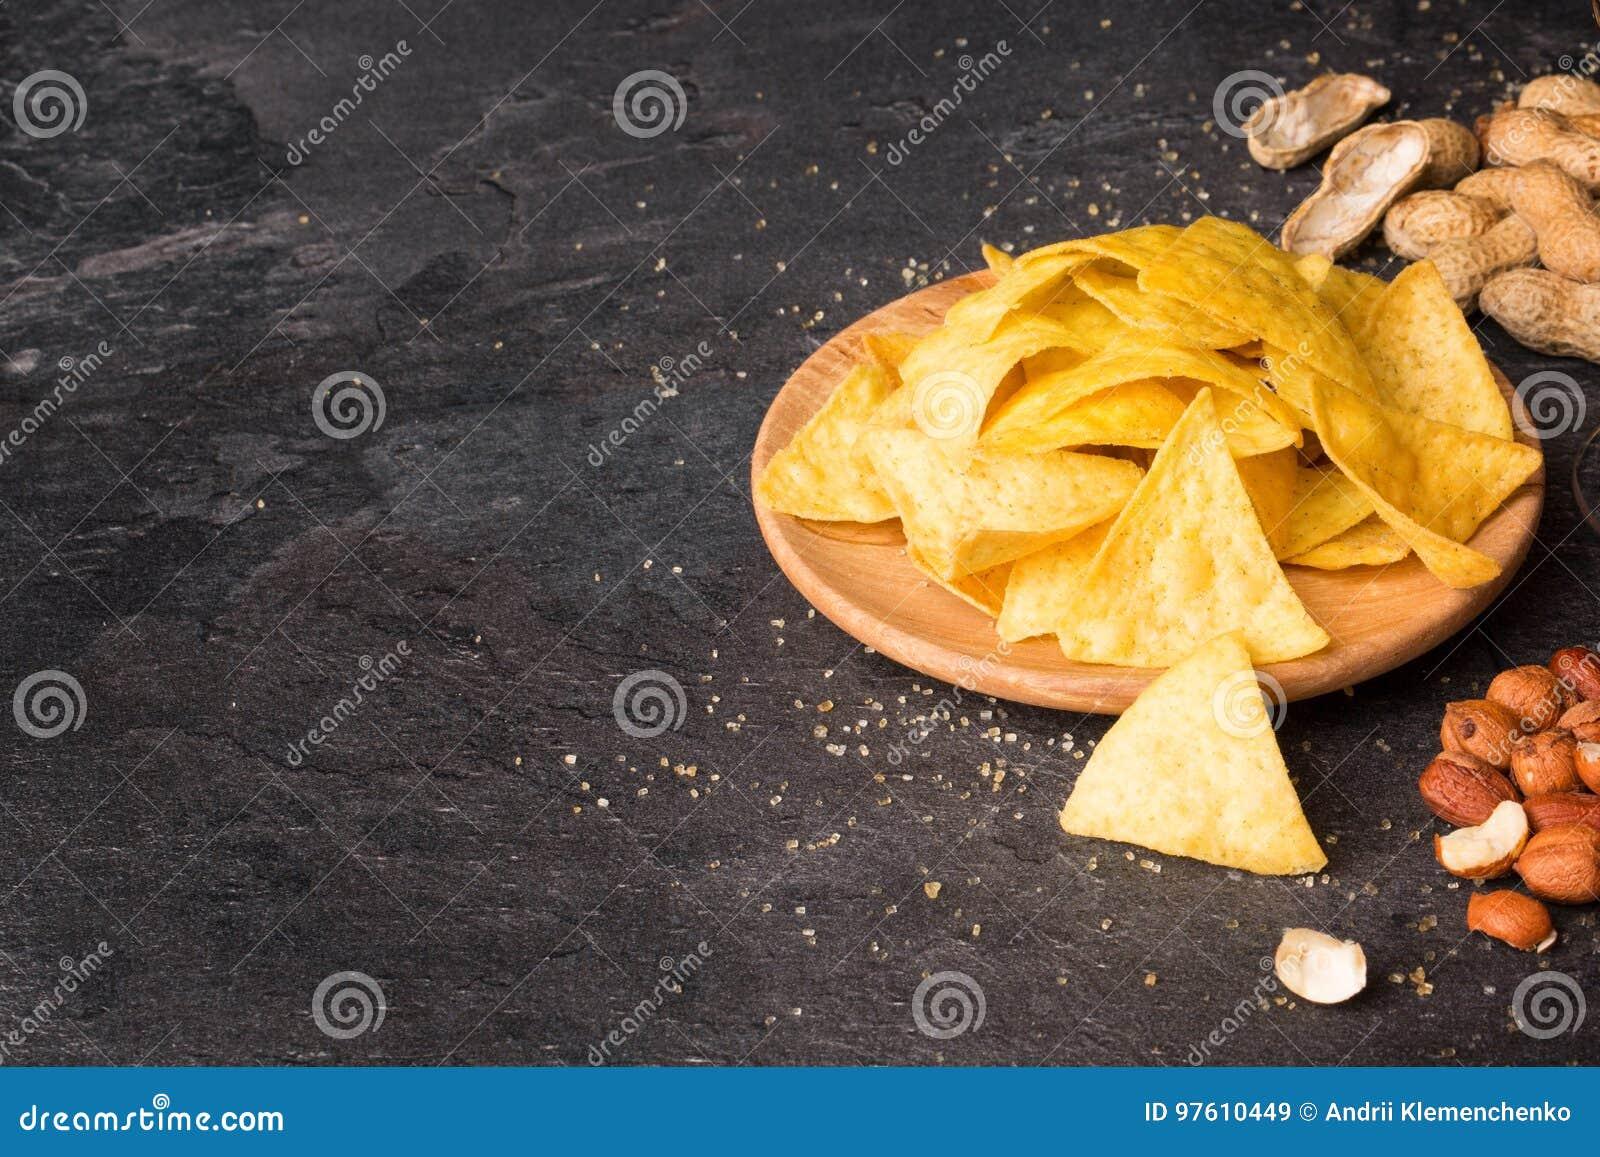 Τοπ άποψη των φωτεινών κίτρινων nachos σε ένα ελαφρύ ξύλινο στρογγυλό πιάτο Τσιπ καλαμποκιού με τα μικτά καρύδια σε ένα μαύρο υπό